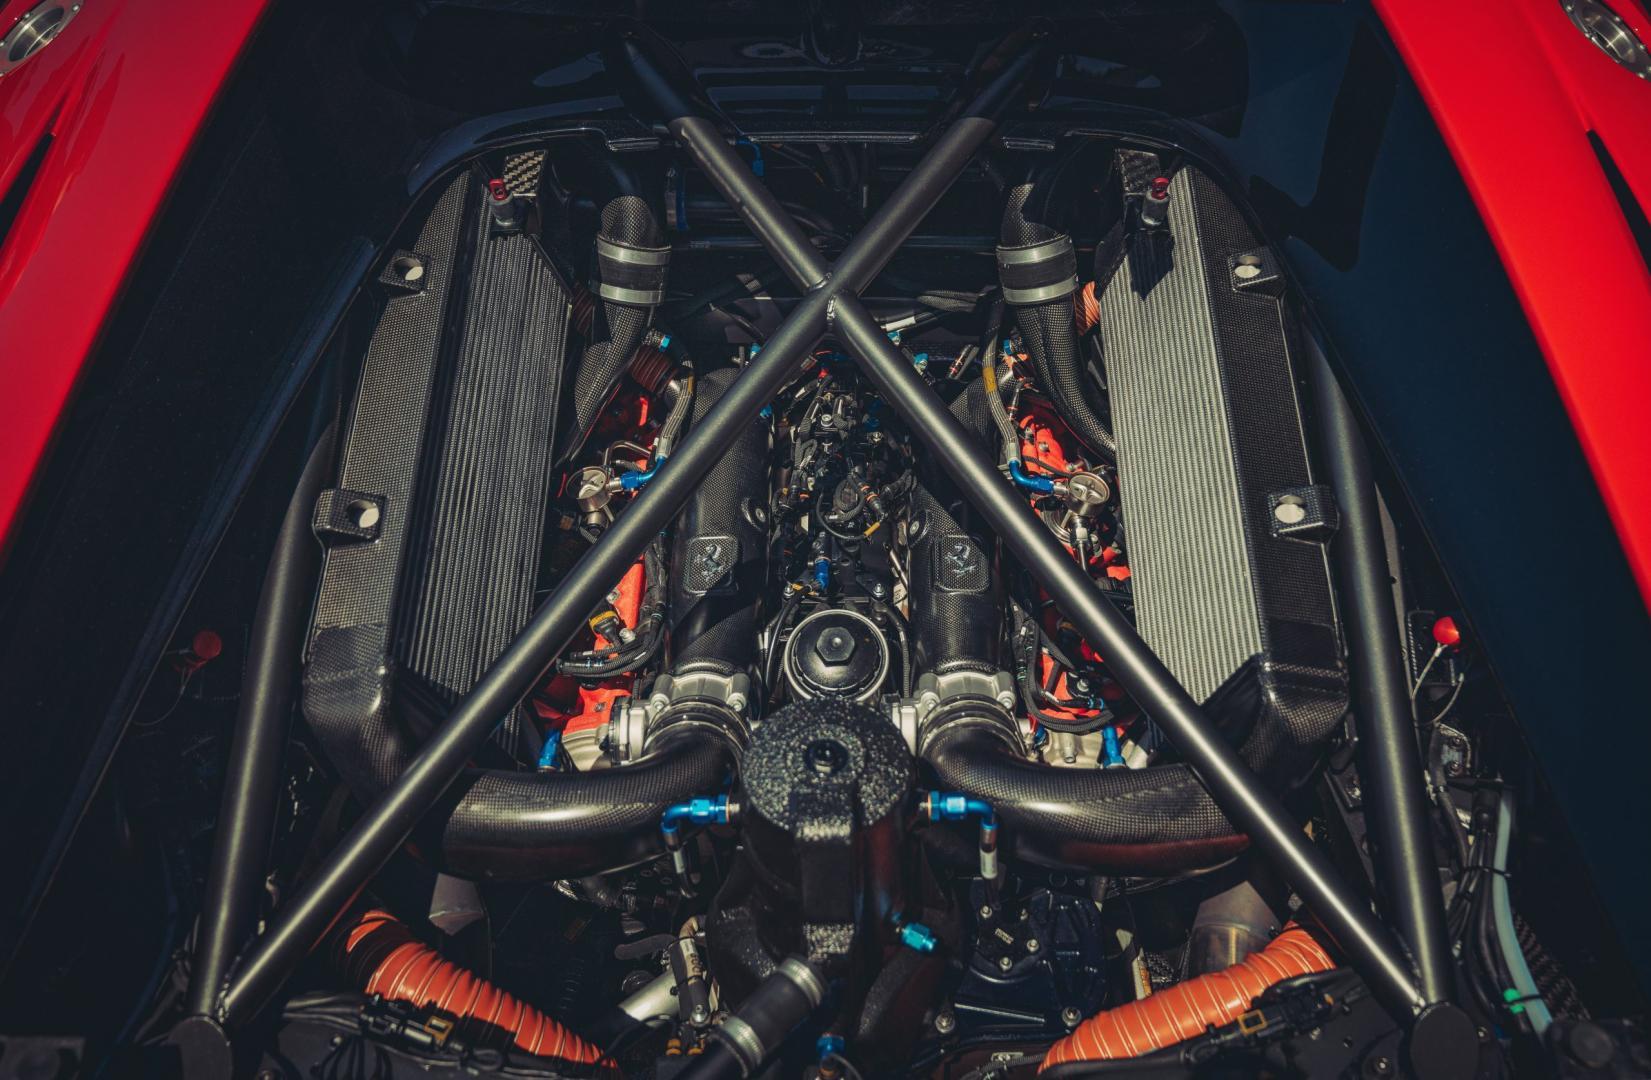 Ferrari P80/C motor